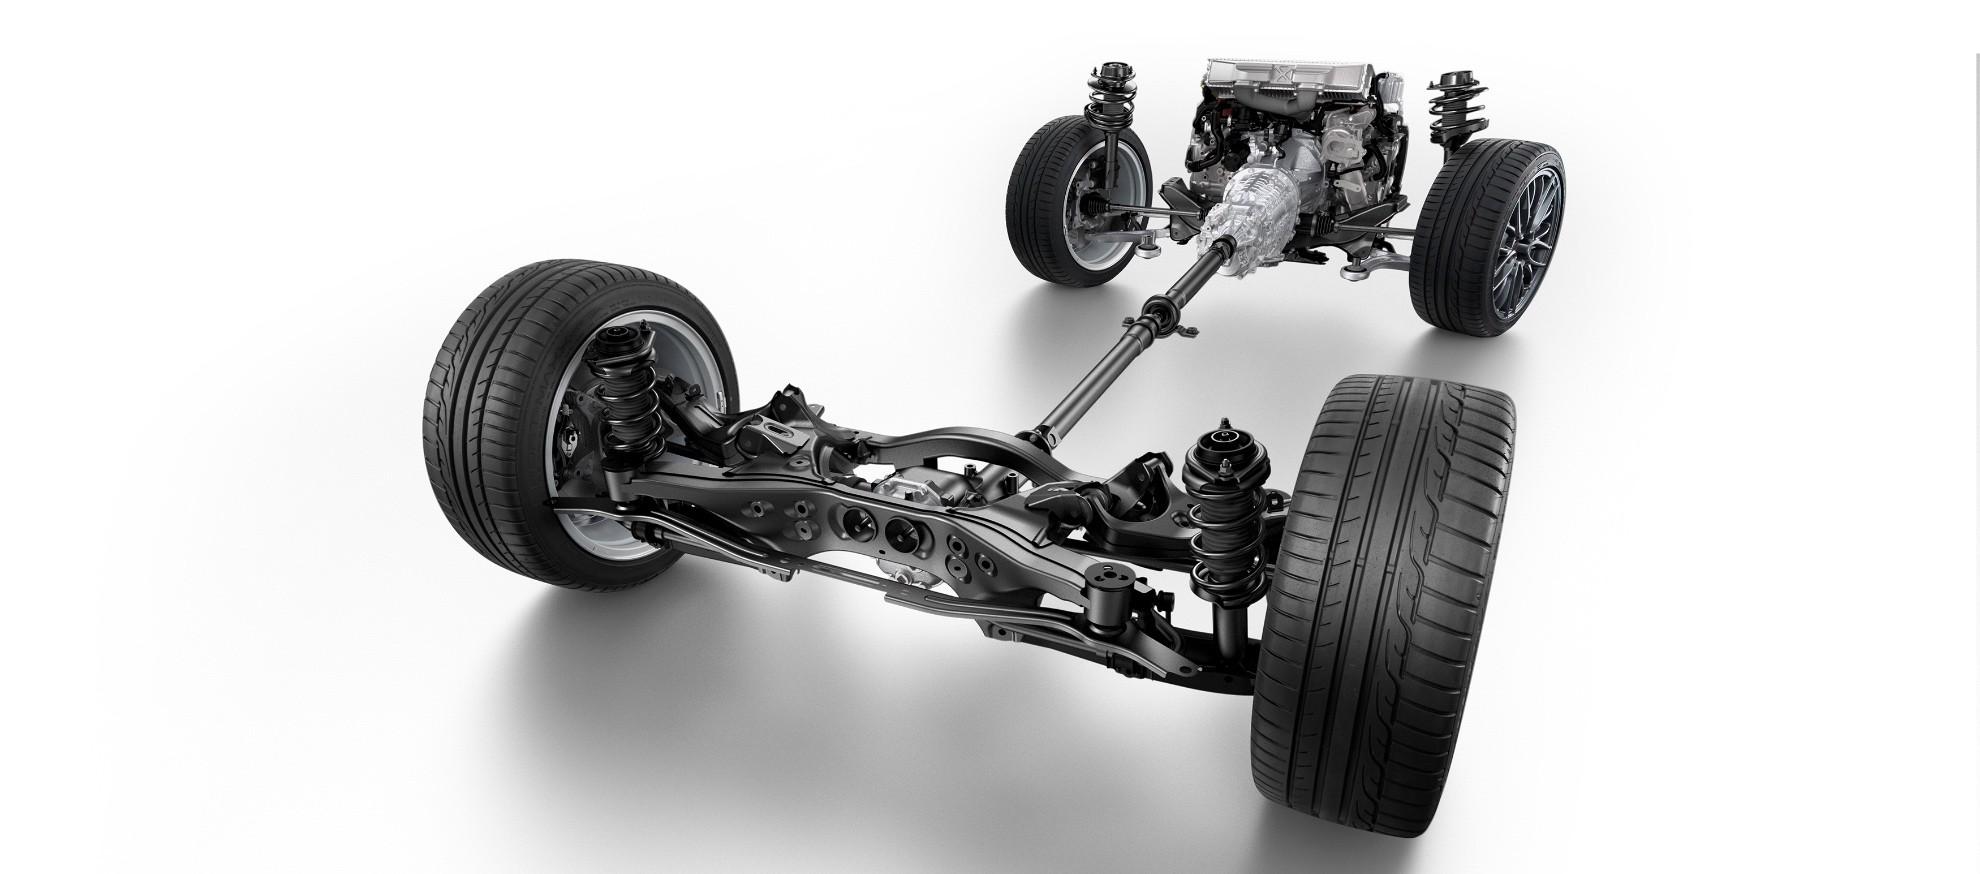 Subaru Symmetrical All Wheel Drive Four Decades Of